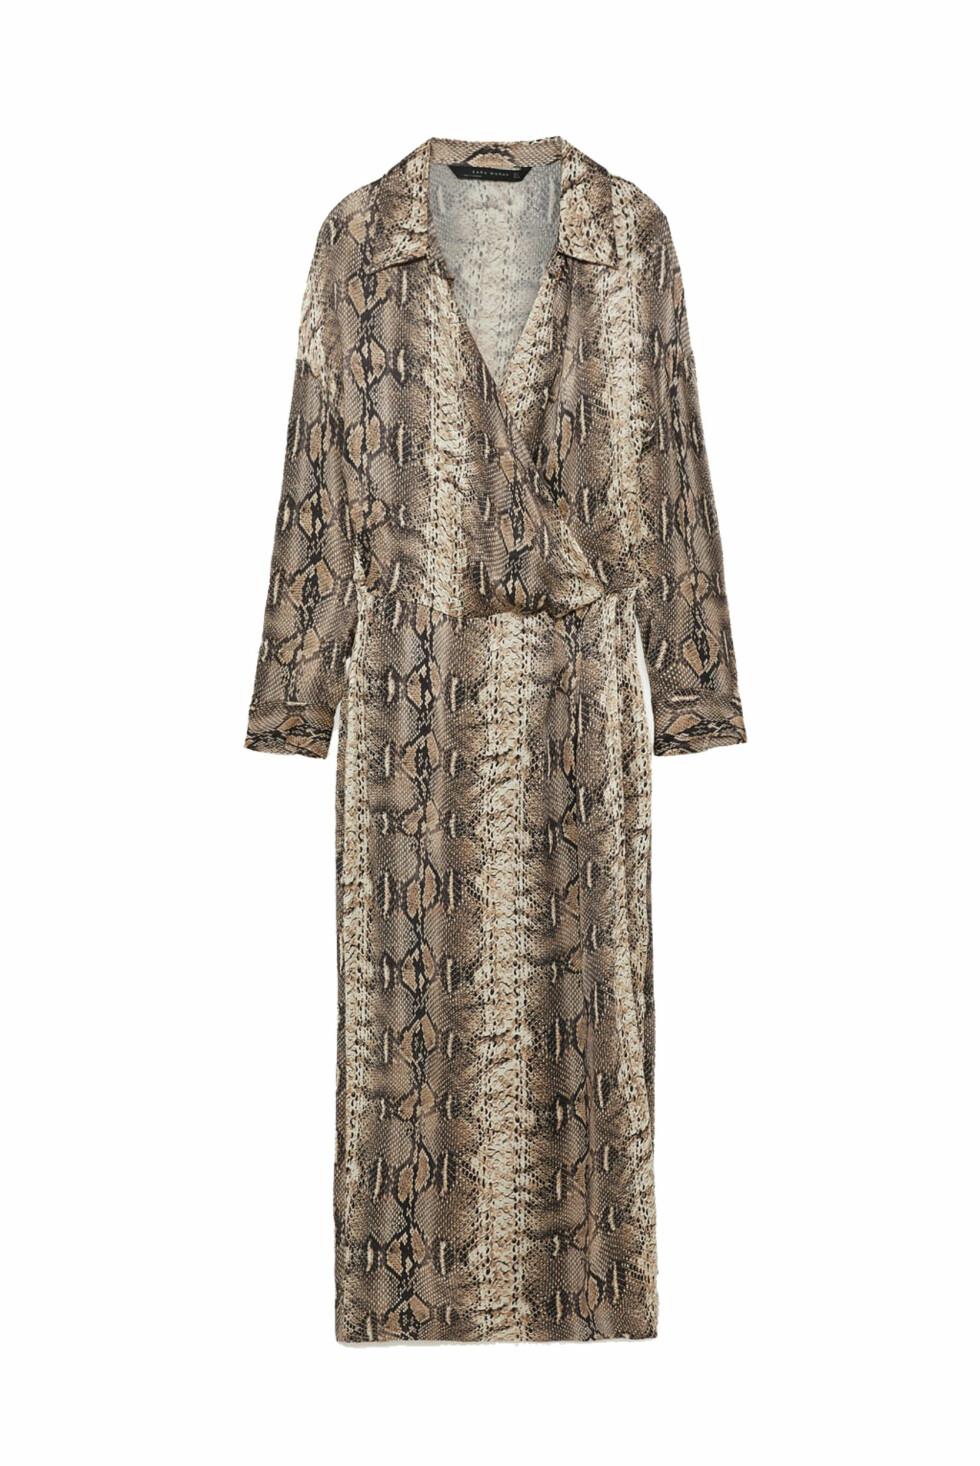 Kjole fra Zara  799,- https://www.zara.com/no/no/skjortekjole-med-slangeskinnsm%C3%B8nster-p07932659.html?v1=7404614&v2=1074635